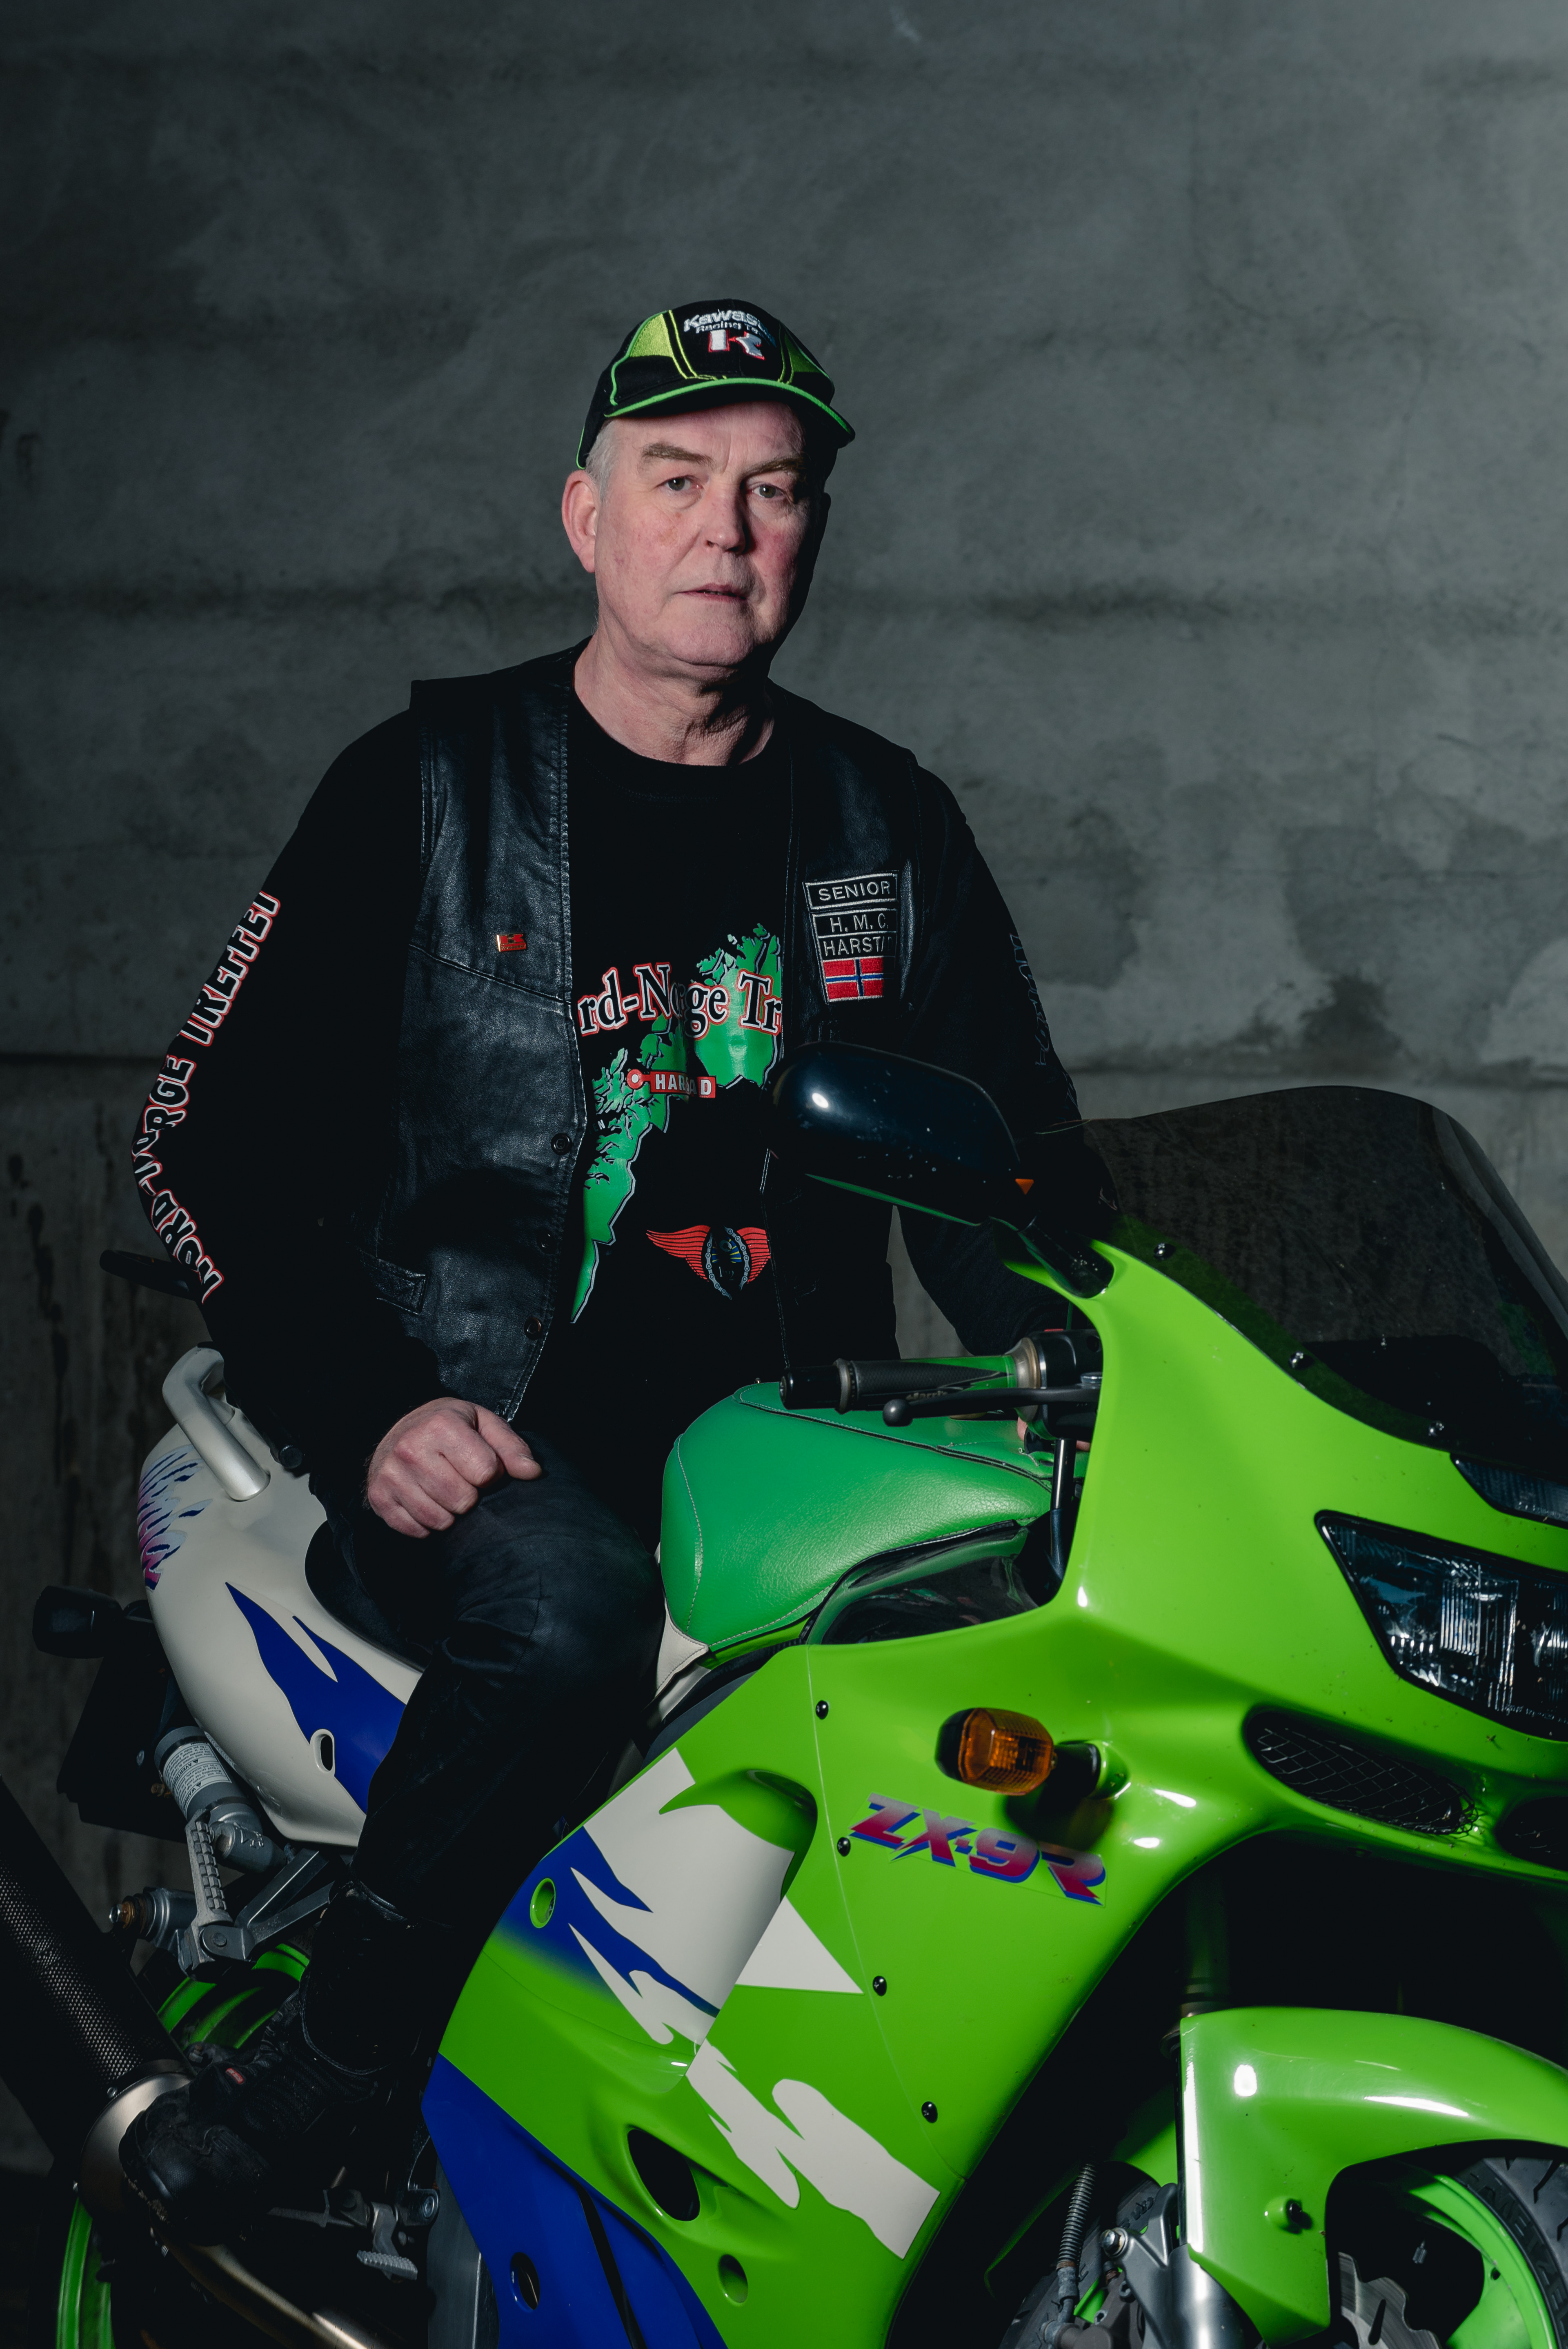 Kent Magne Johansen